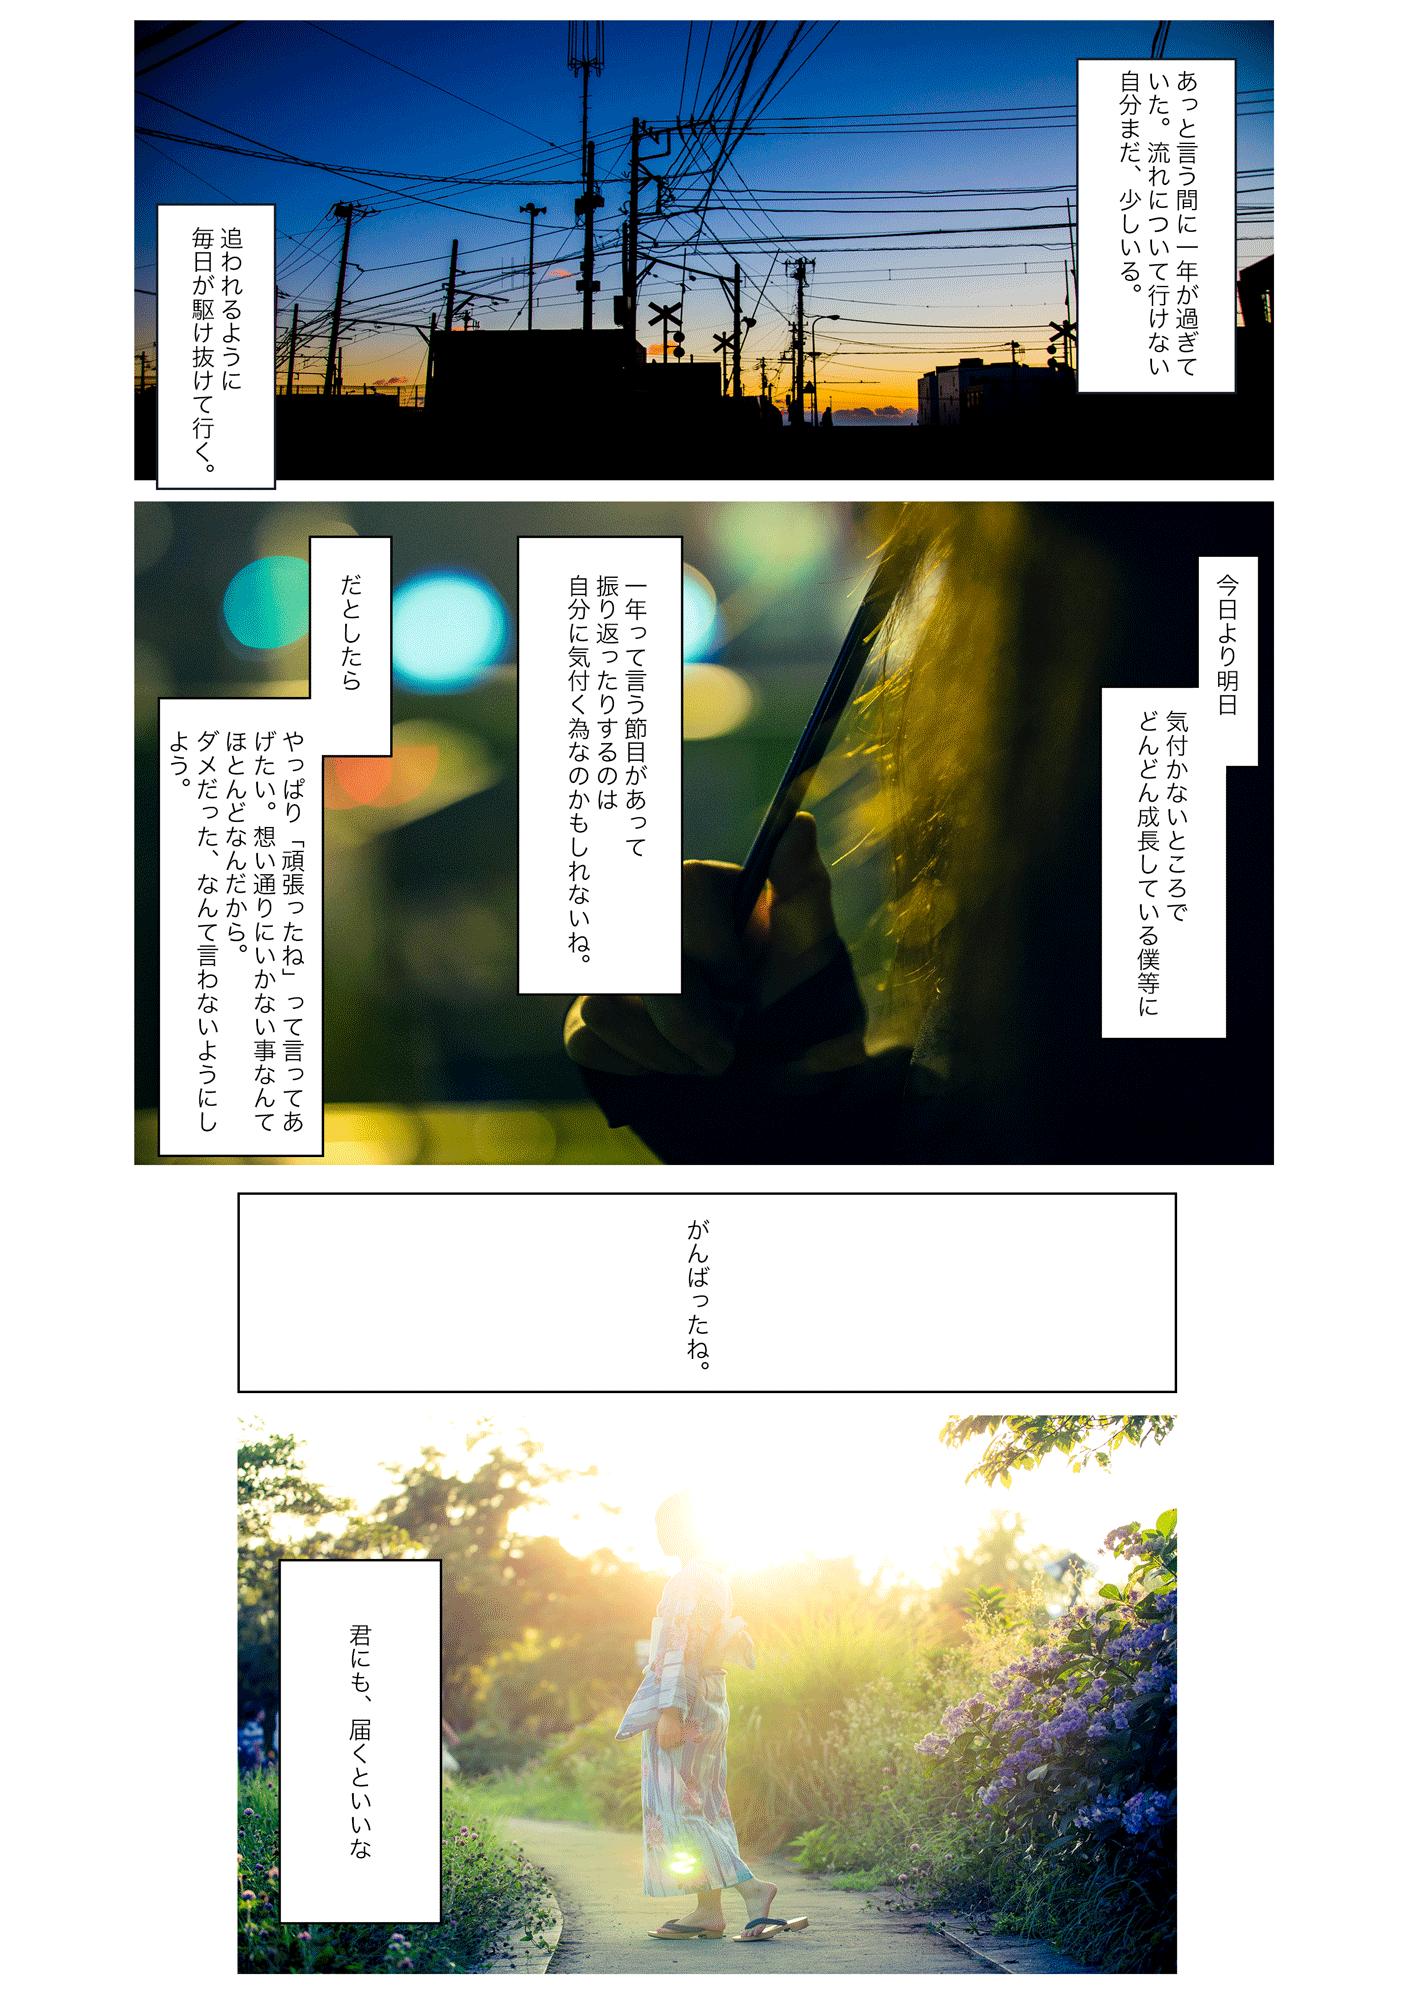 20150909005921d02.png